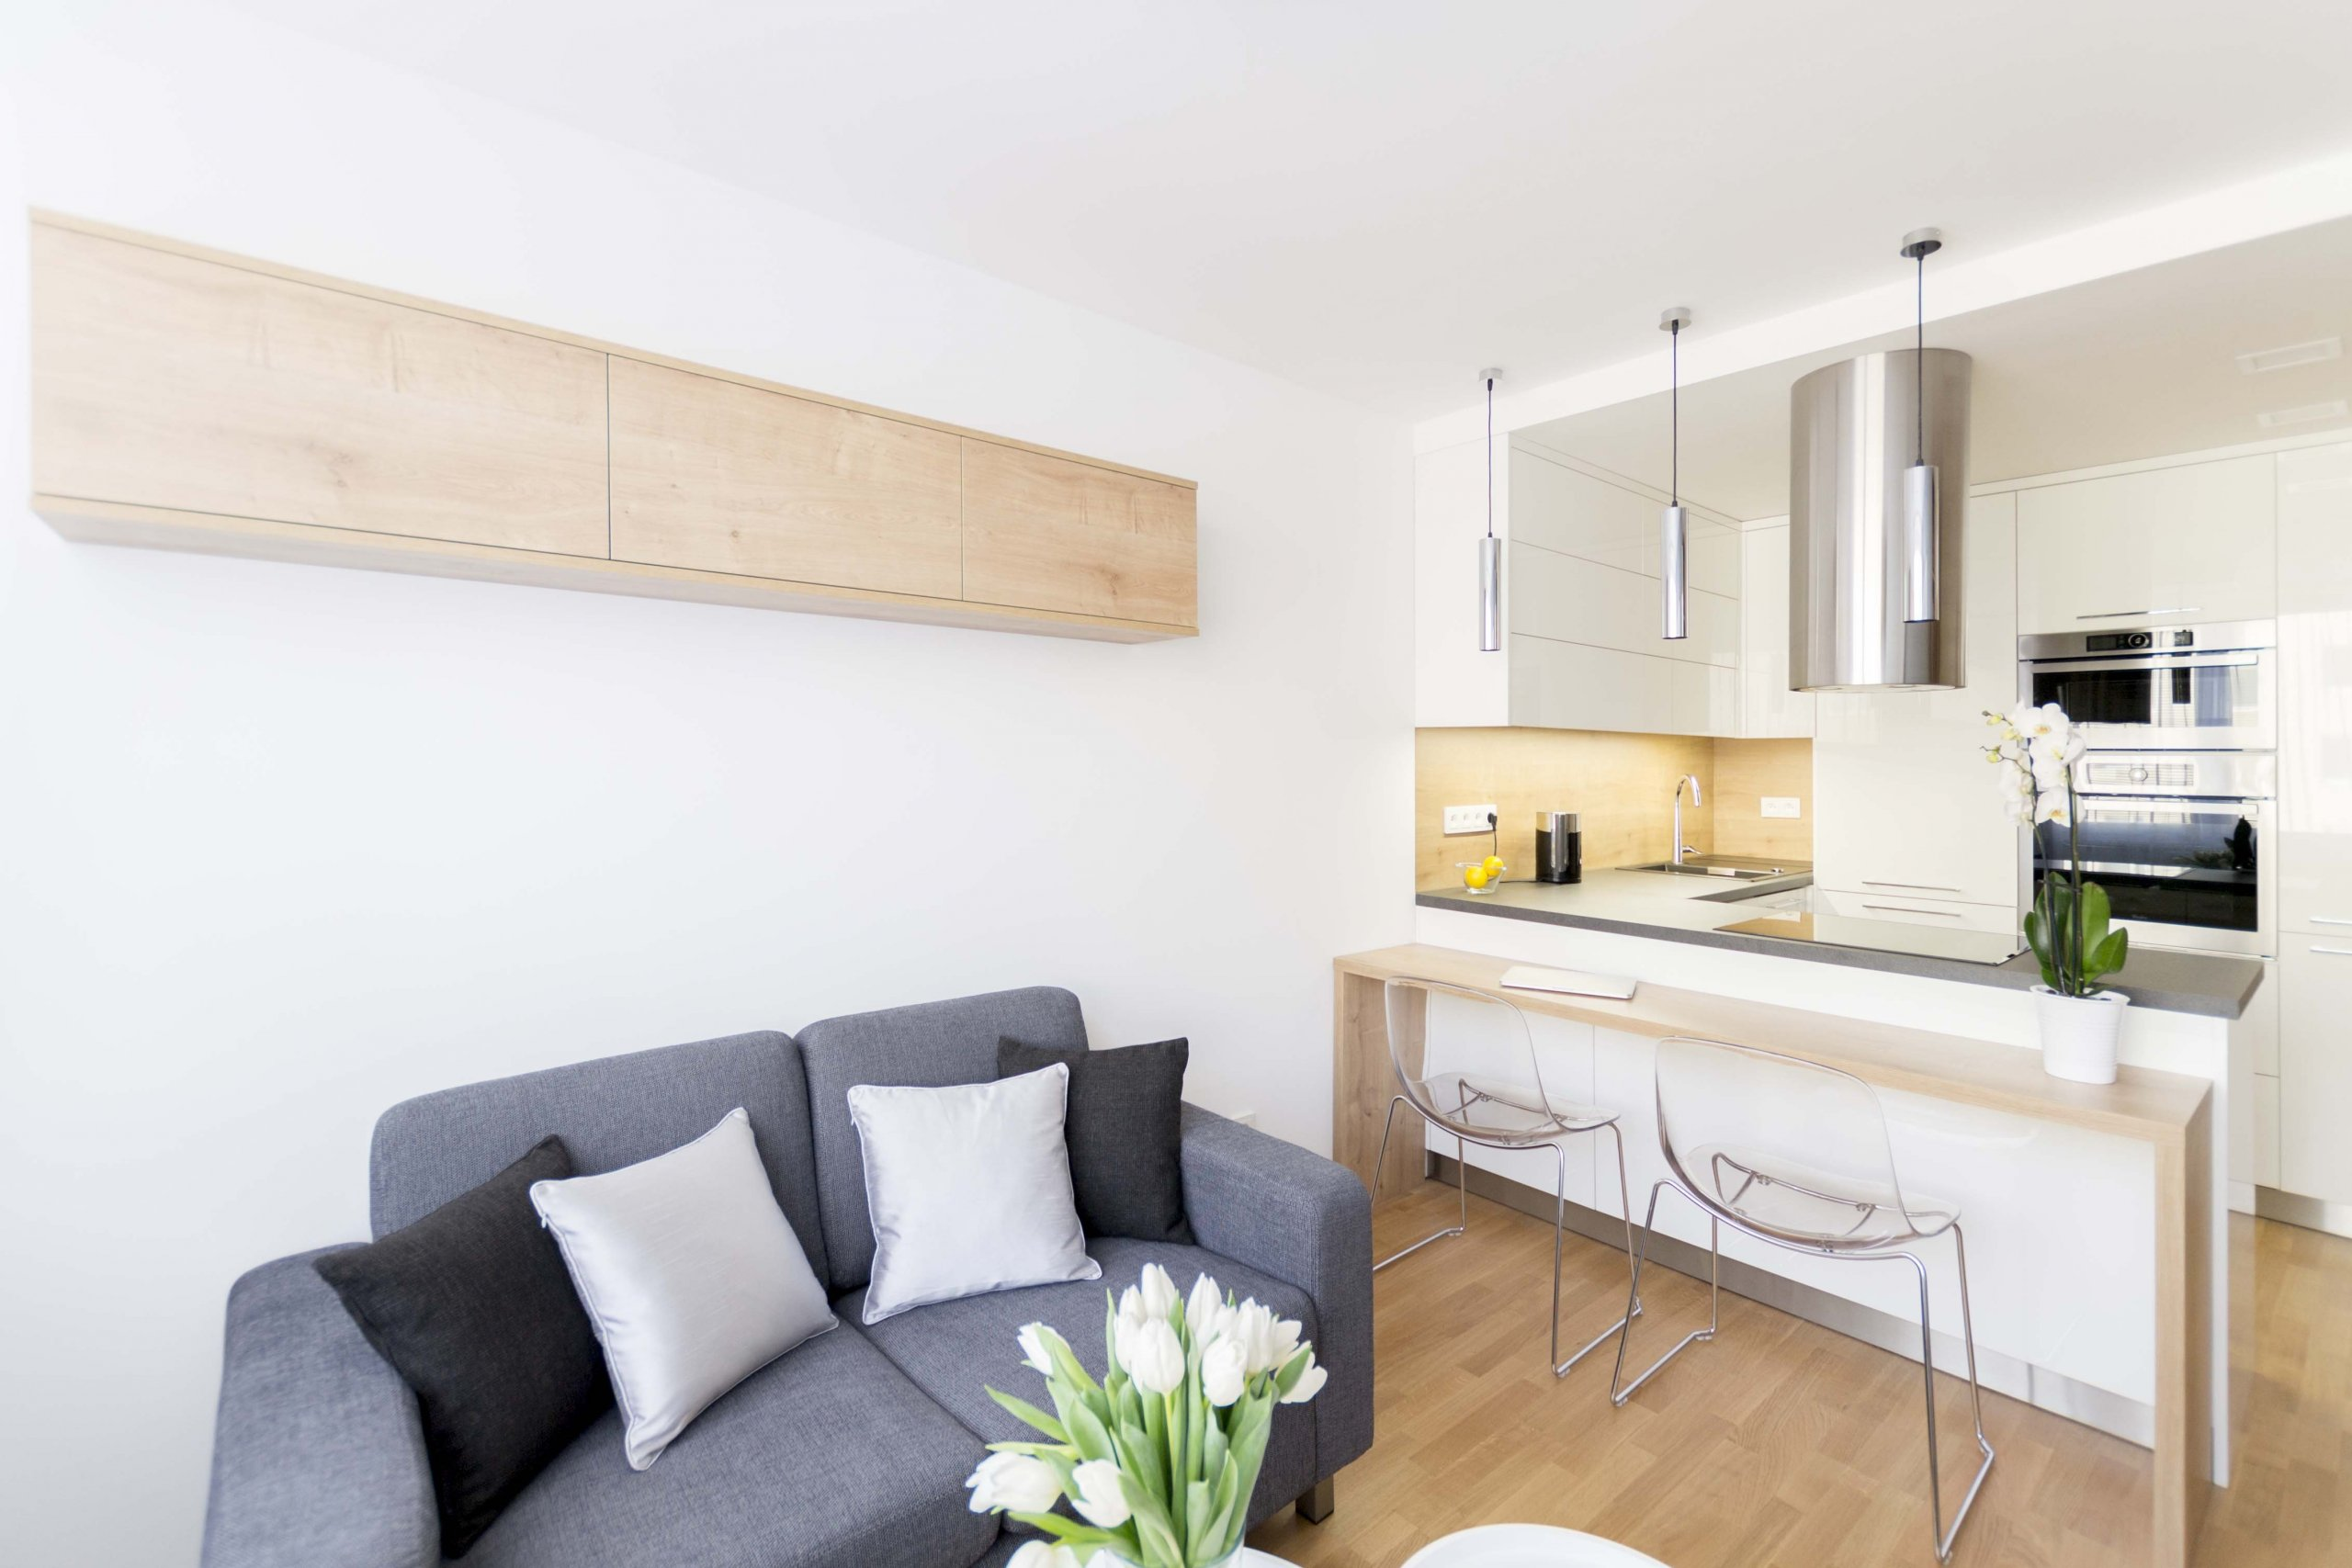 Malý byt se po rekonstrukci proměnil k nepoznání.Zadáním investora znělo přeměnit původní byt 2+1na dispozičně otevřenější prostor, kde by oddělená…